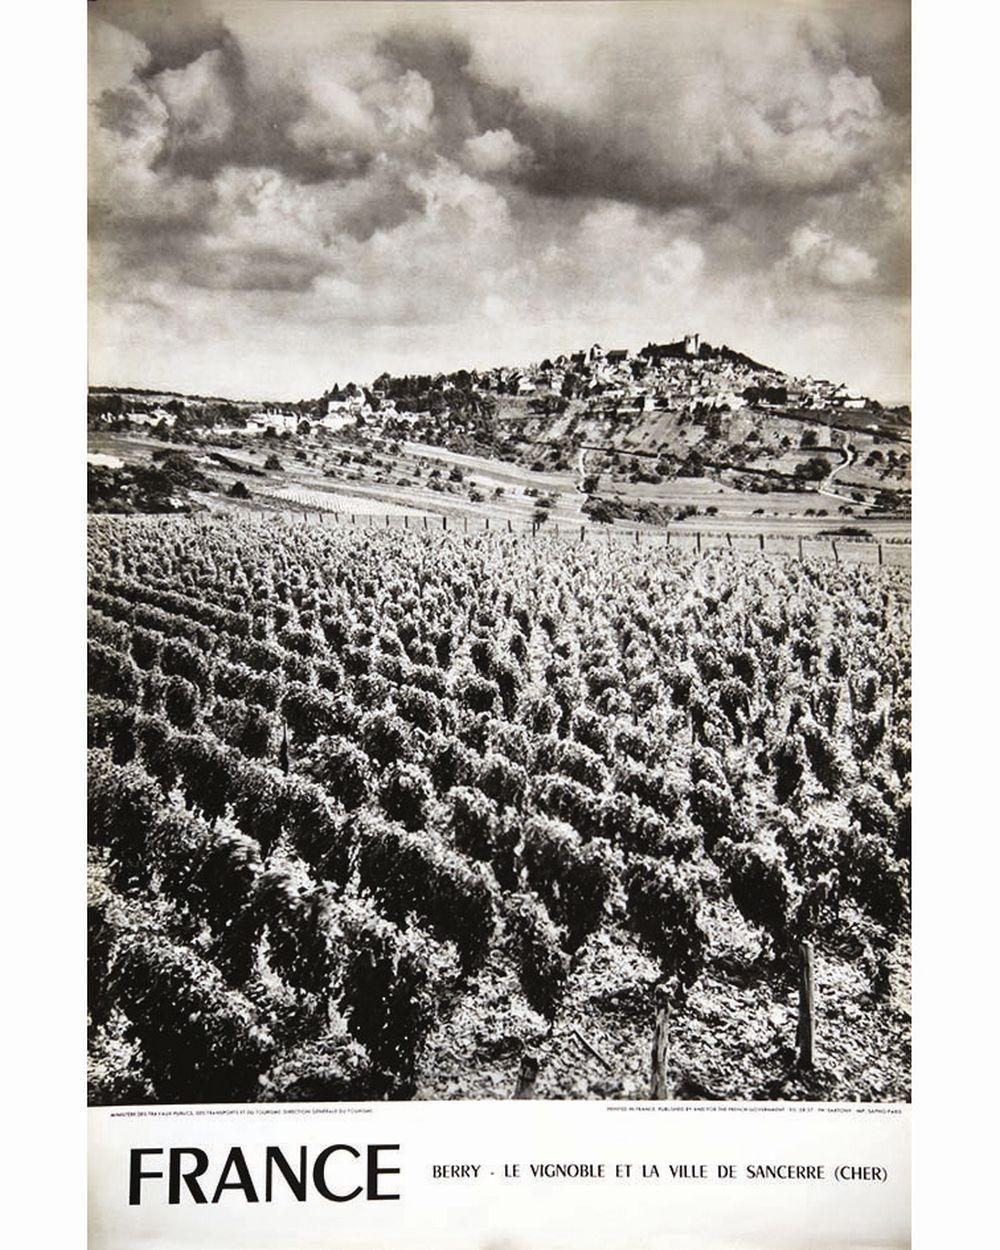 SARTONY - Sancerre Le Vignoble et la Ville Berry     1958